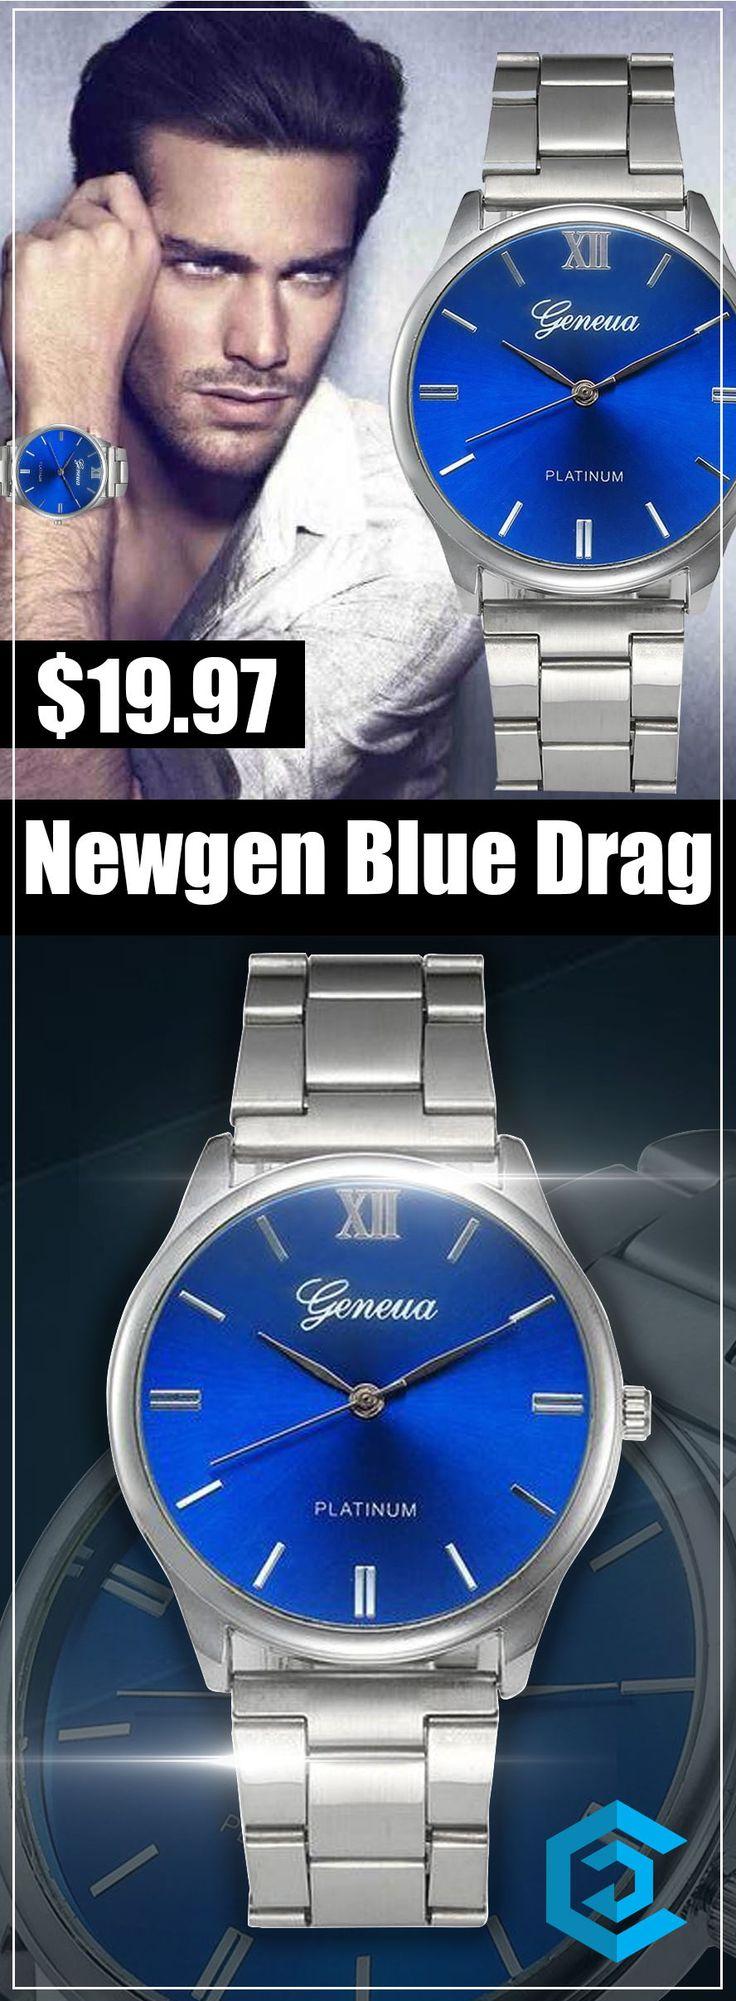 Newgen Blue Drag |affordable| |luxury| |mens| |simple| |watches for men| |unique| |design| #watches #luxury #fashion #unique